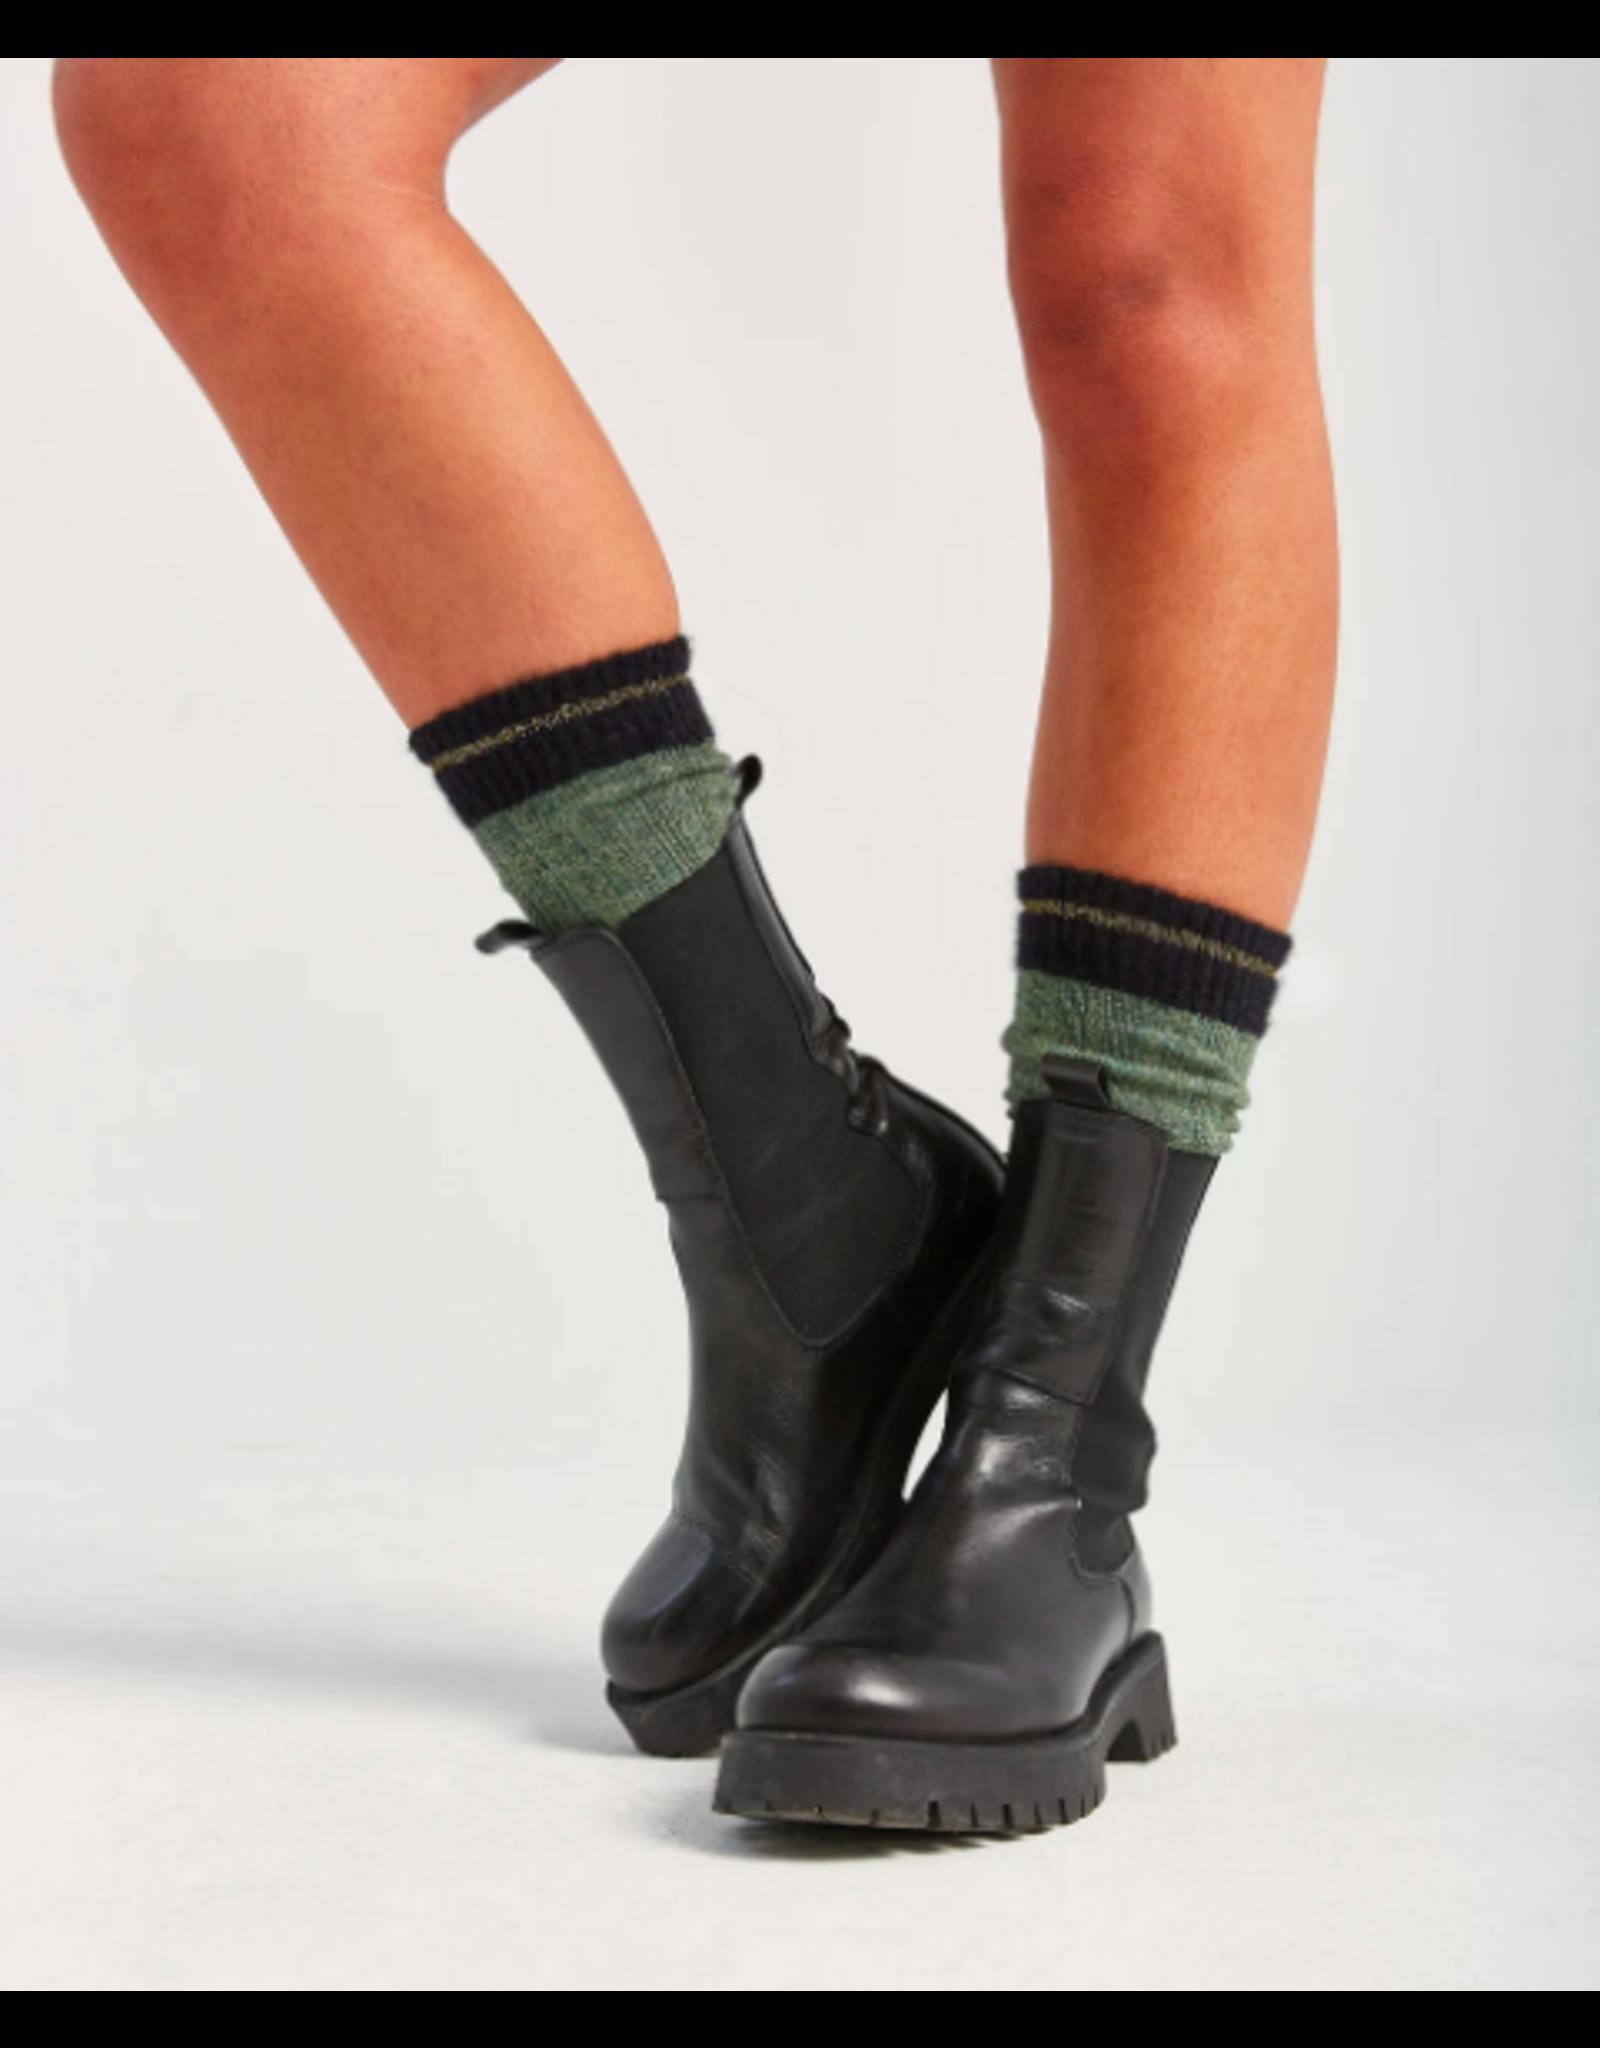 INDEE FW21 Klaxon socks